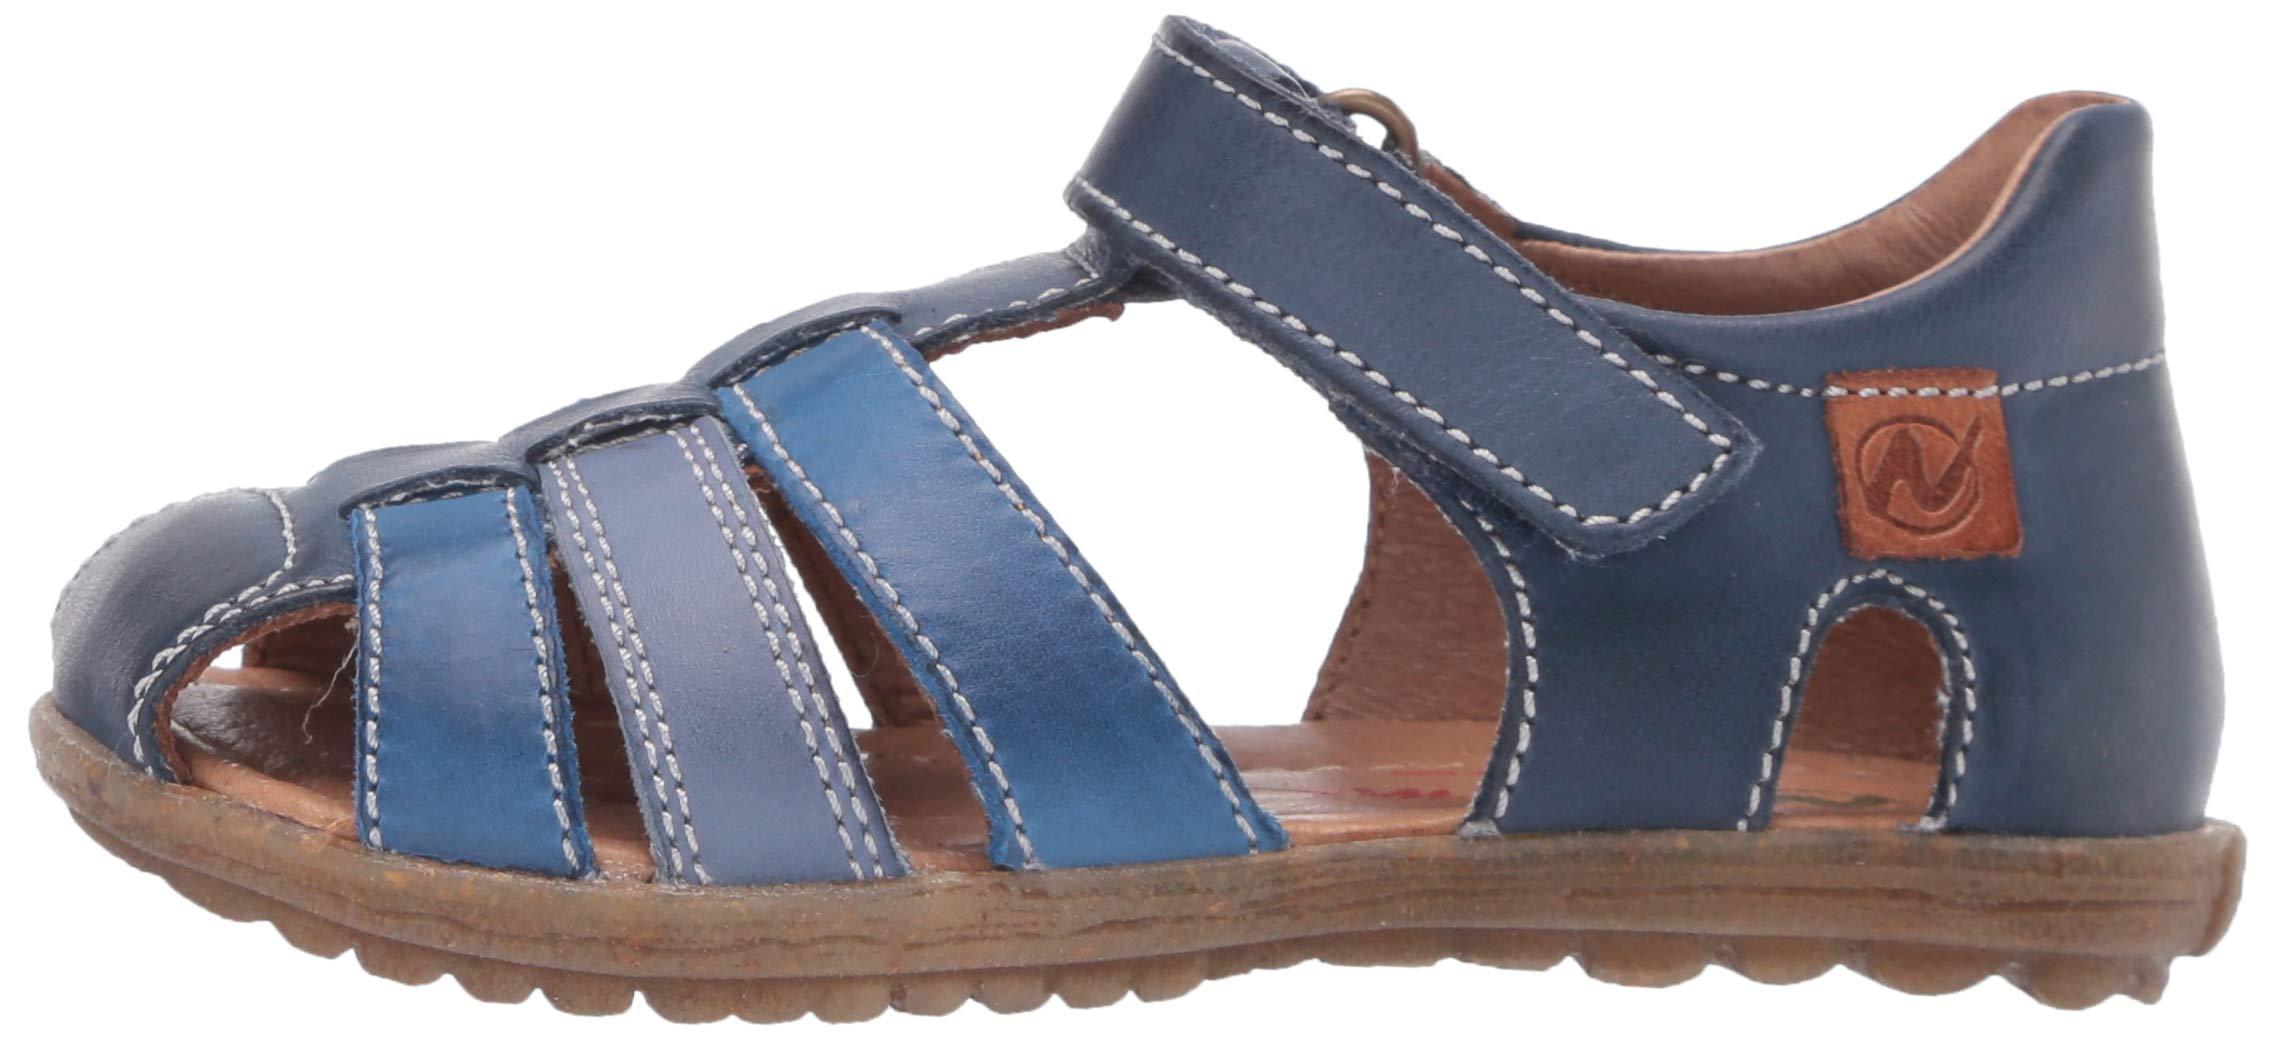 Naturino Boys See Gladiator Sandals, Multicolour (Navy/Azzurro/Celeste 1c53), 7 UK 7UK Child by Naturino (Image #5)